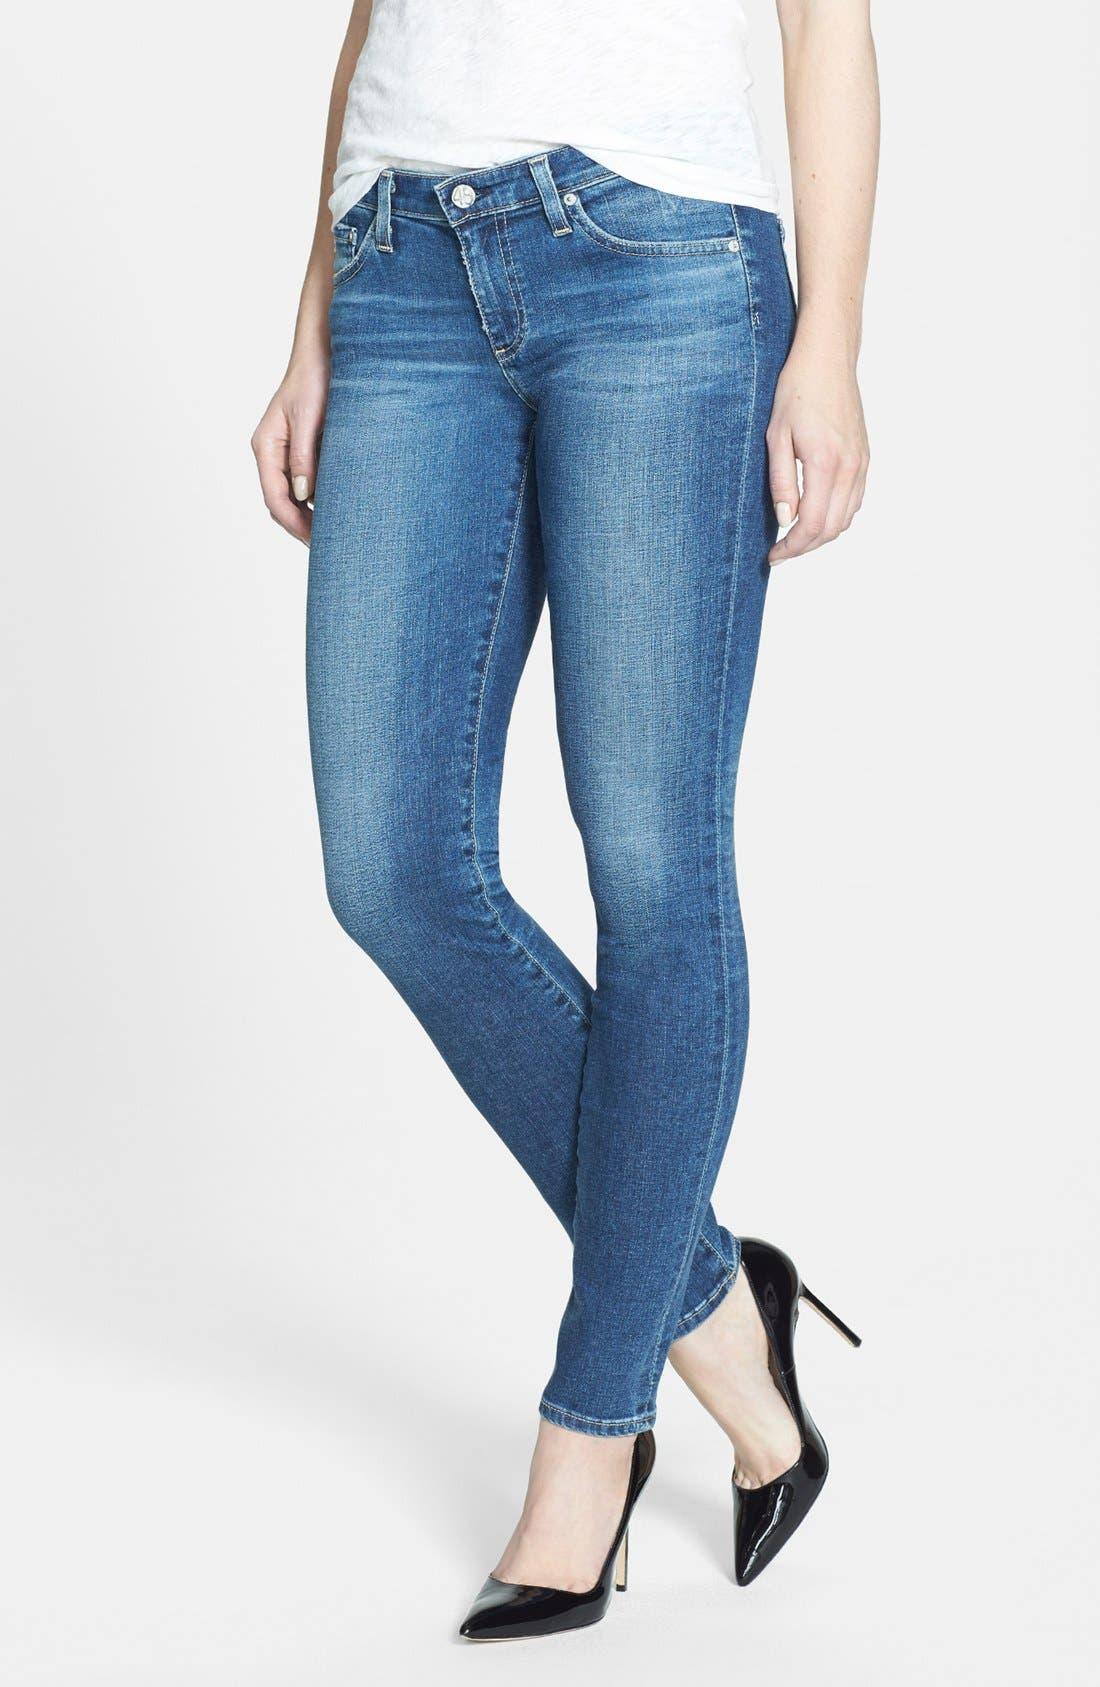 Alternate Image 1 Selected - AG 'The Stilt' Cigarette Leg Jeans (Eighteen Year)